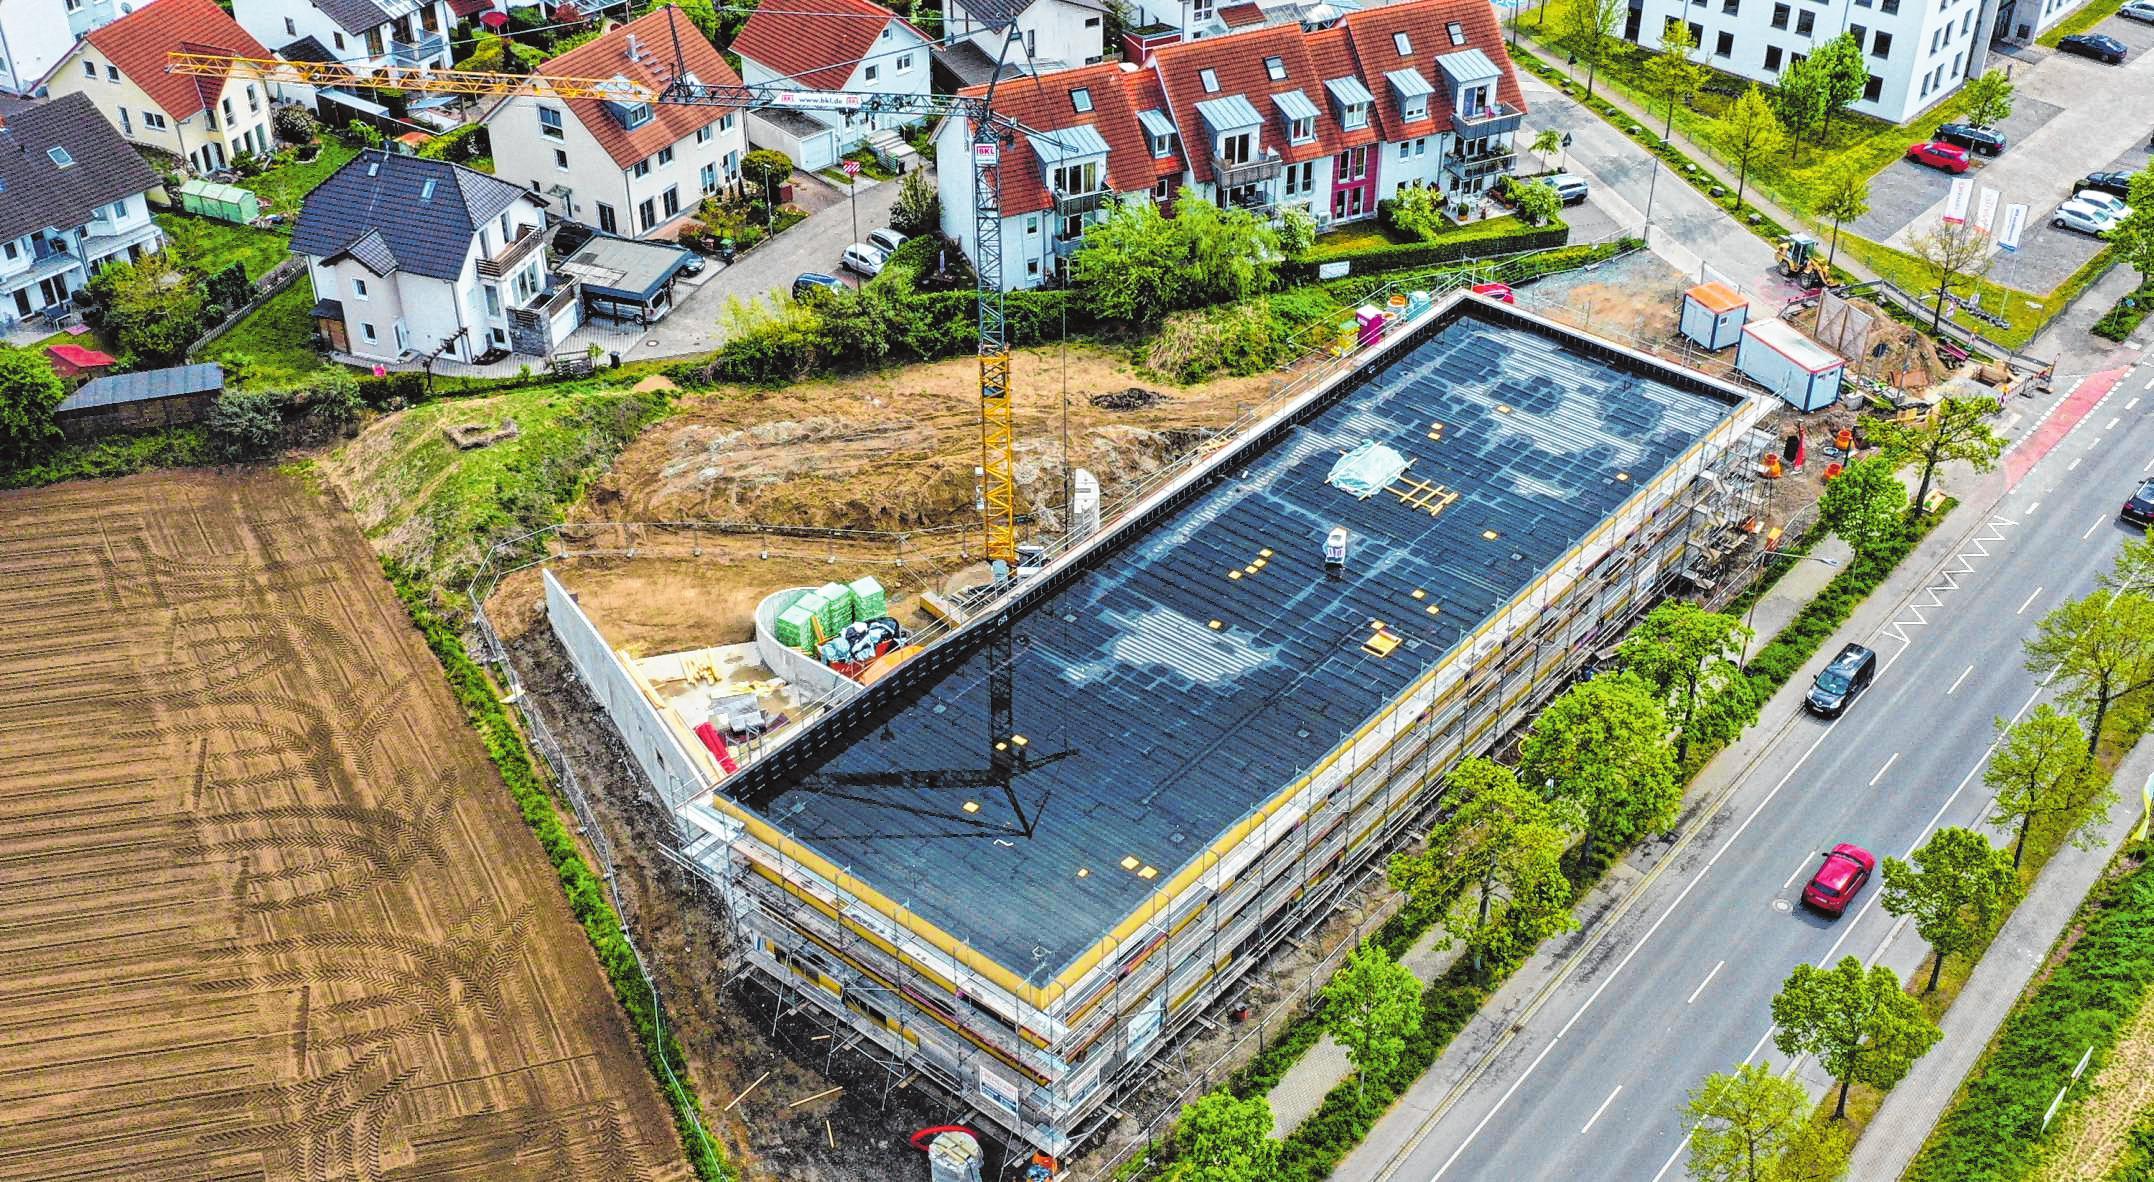 Die Baustelle der neuen Kita am Berliner Ring aus der Luft gesehen. Das Dach wird begrünt und mit einer Photovoltaikanlage versehen.   Bild: Stadt Bensheim/Showmaker